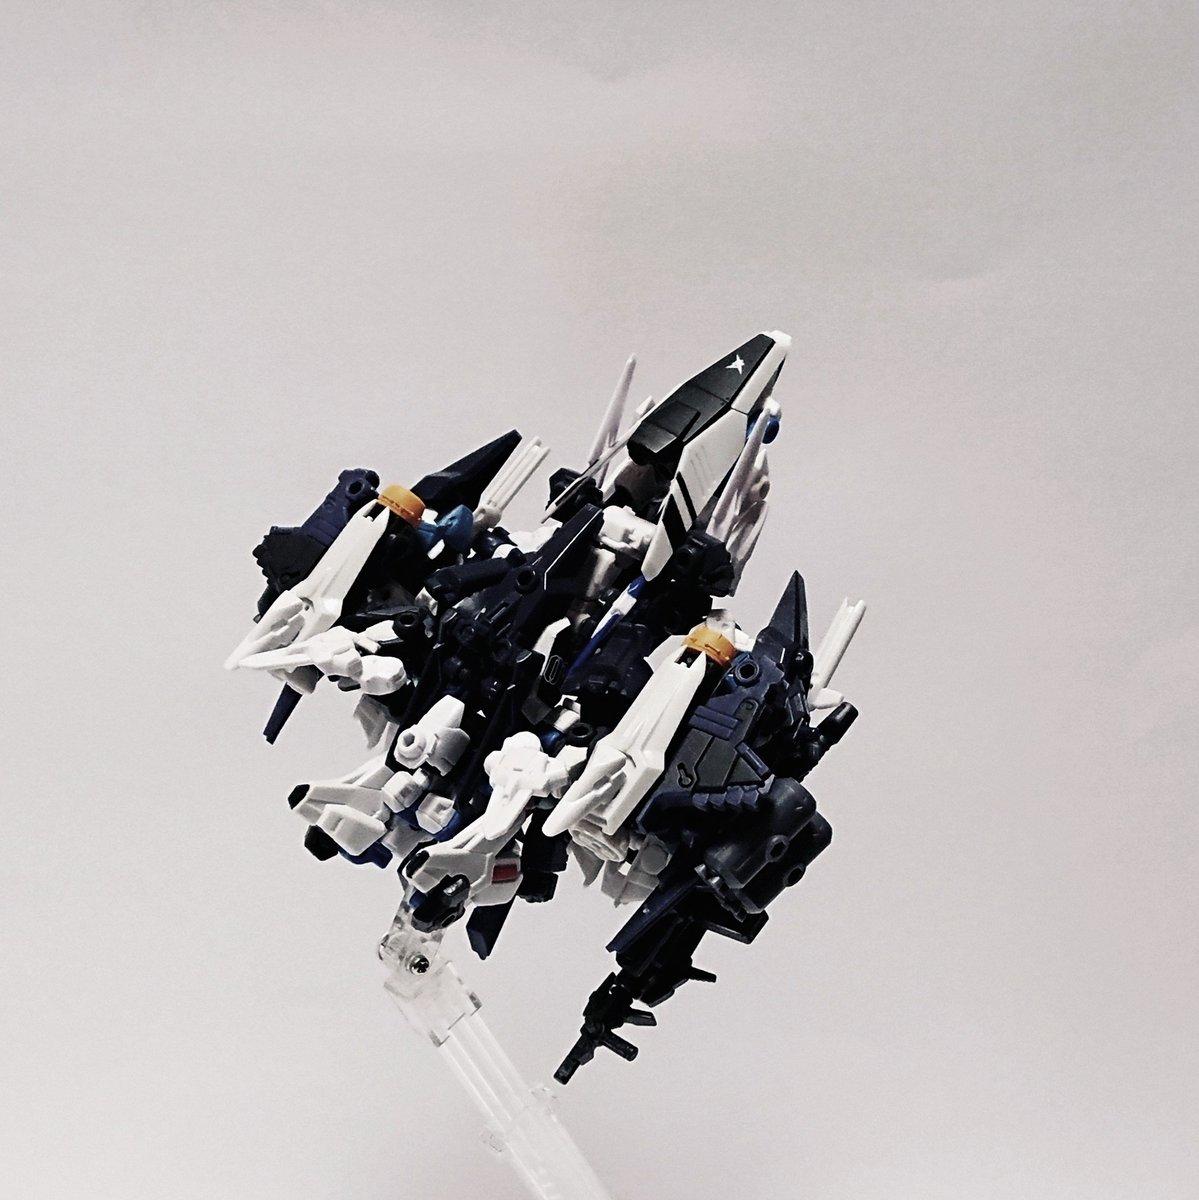 test ツイッターメディア - アタッカーモジュールのみ換装した形態は迎撃戦に適しており、「イオタ・アタッカー」と呼ばれる。高機動性を活かし敵攻撃部隊を強襲、先制する。大出力のIフィールドジェネレータを装備し、多数の対艦ミサイルにより攻撃。MS形態に移行し殲滅戦を行う。 #モビルスーツアンサンブル #イオニア計画 https://t.co/Kv0oC6jtEQ